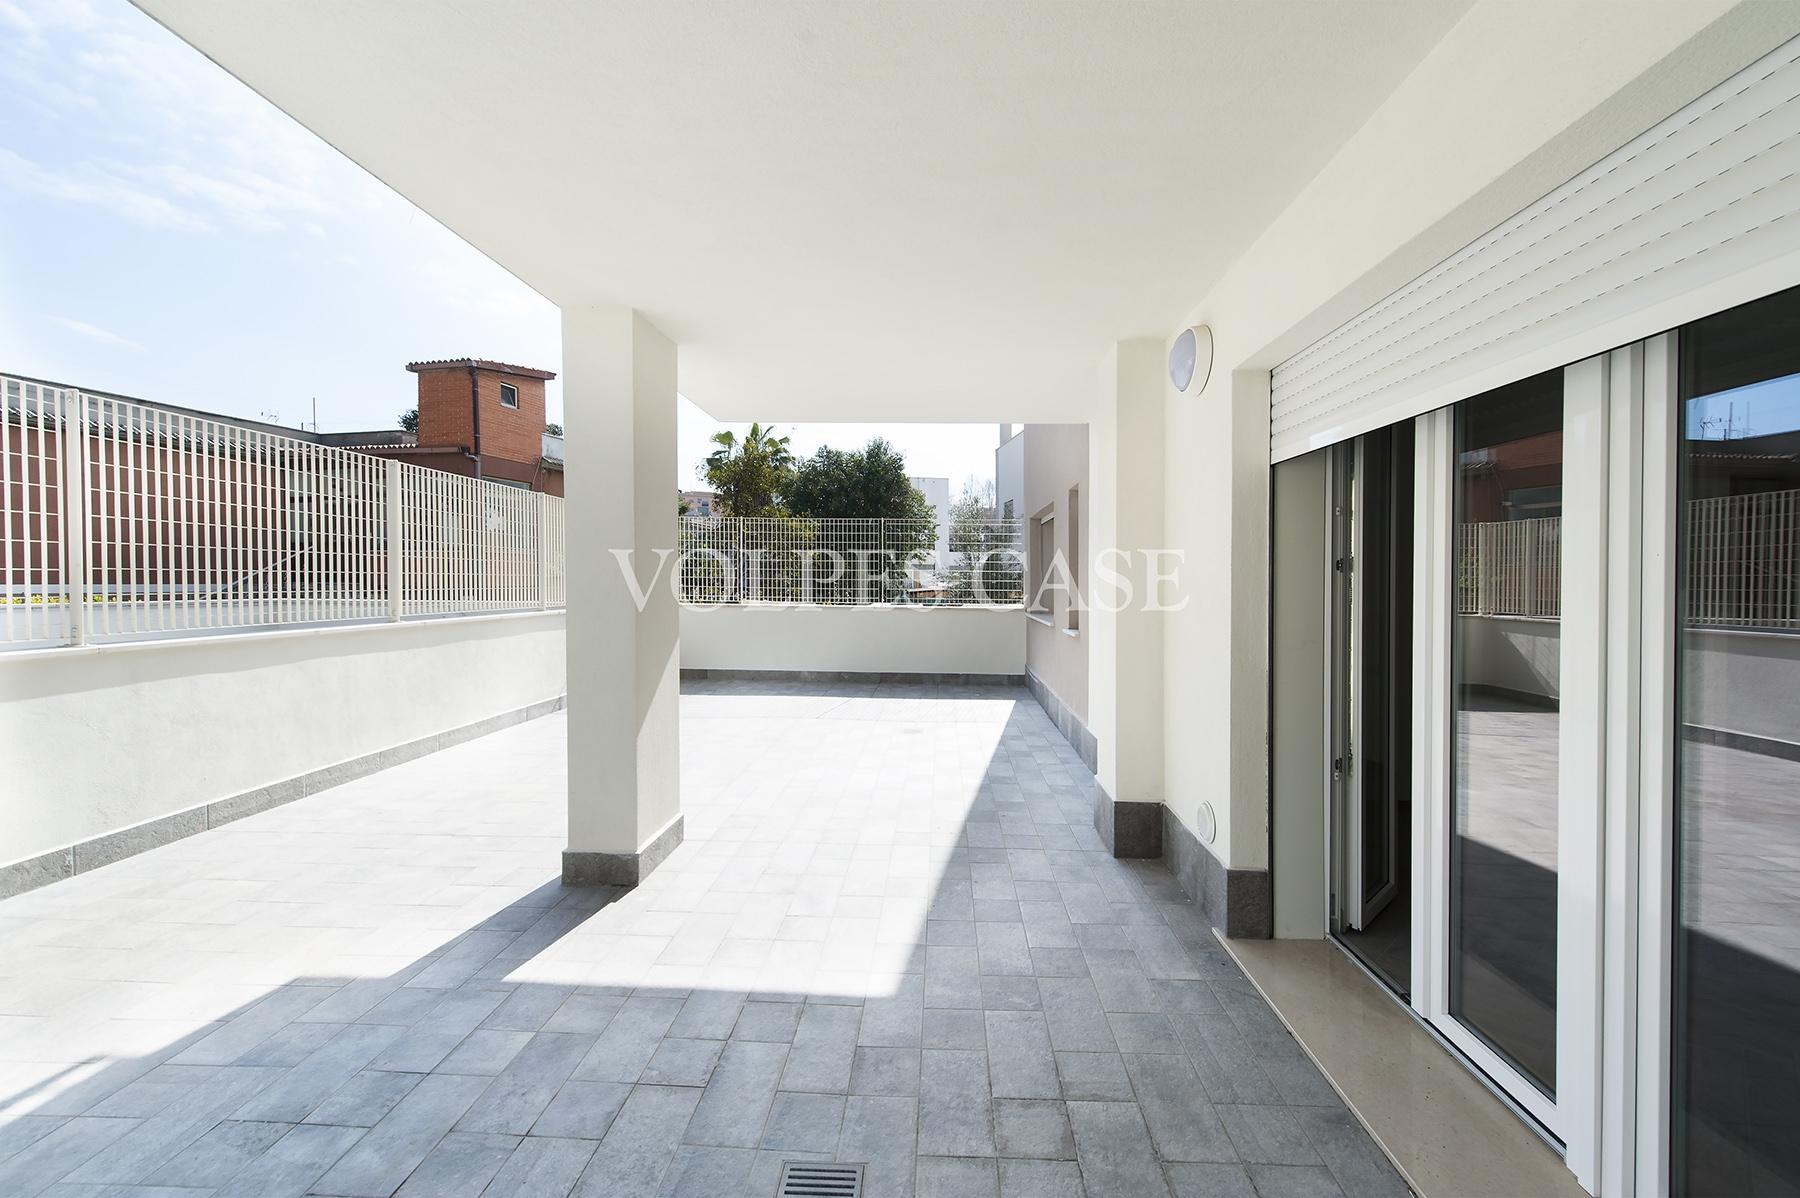 Appartamento in affitto a roma cod v45 3469 for Affitto appartamento roma privati